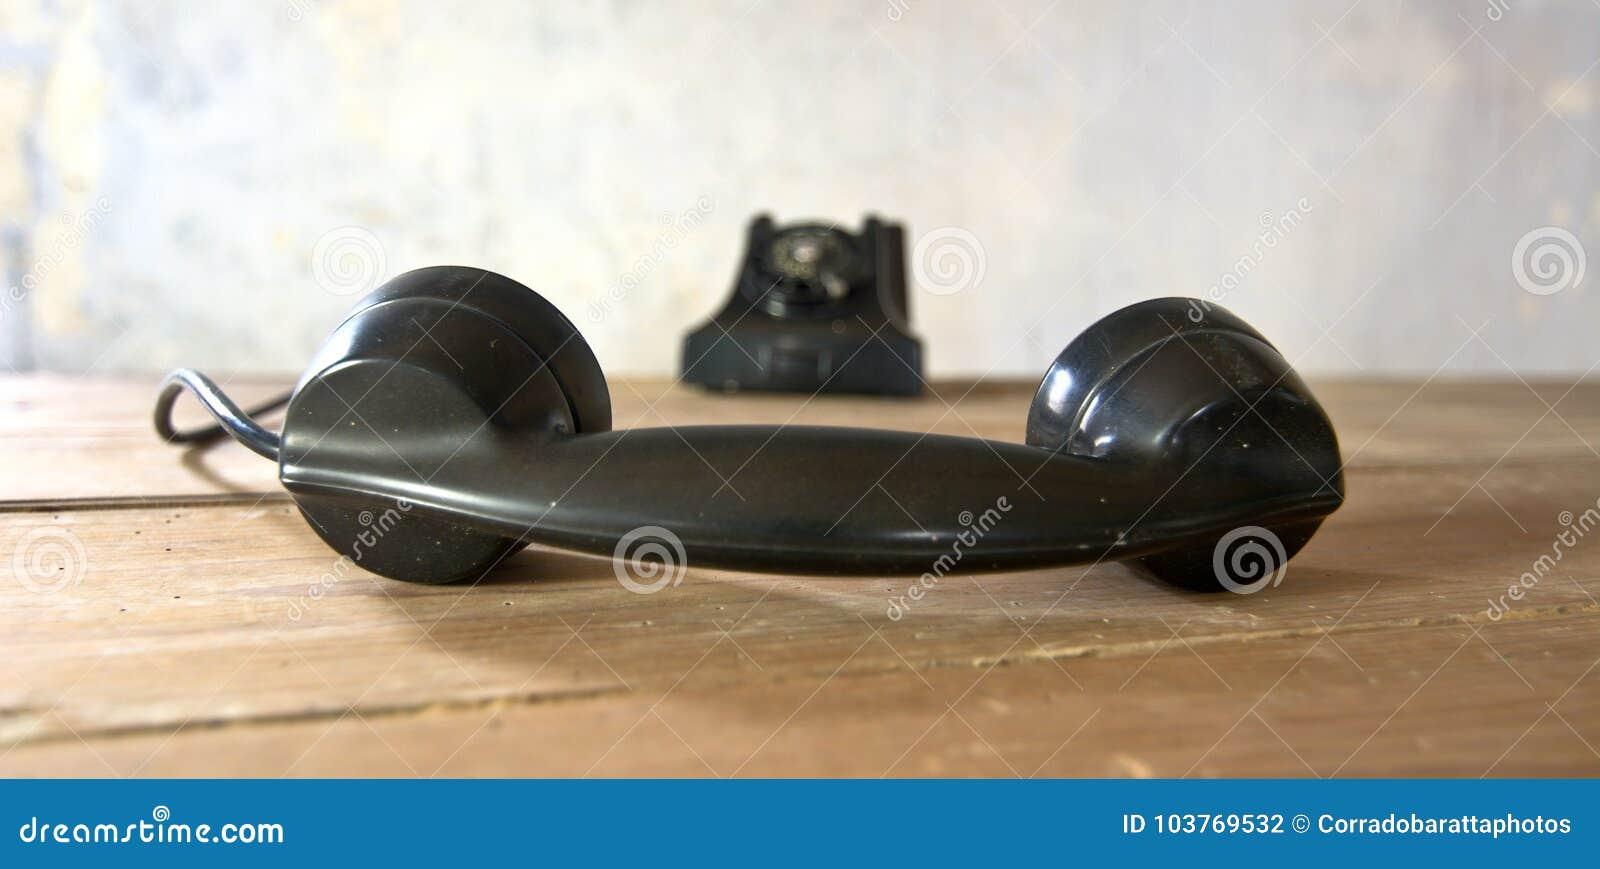 Скачать рингтоны на звонок старый телефон.